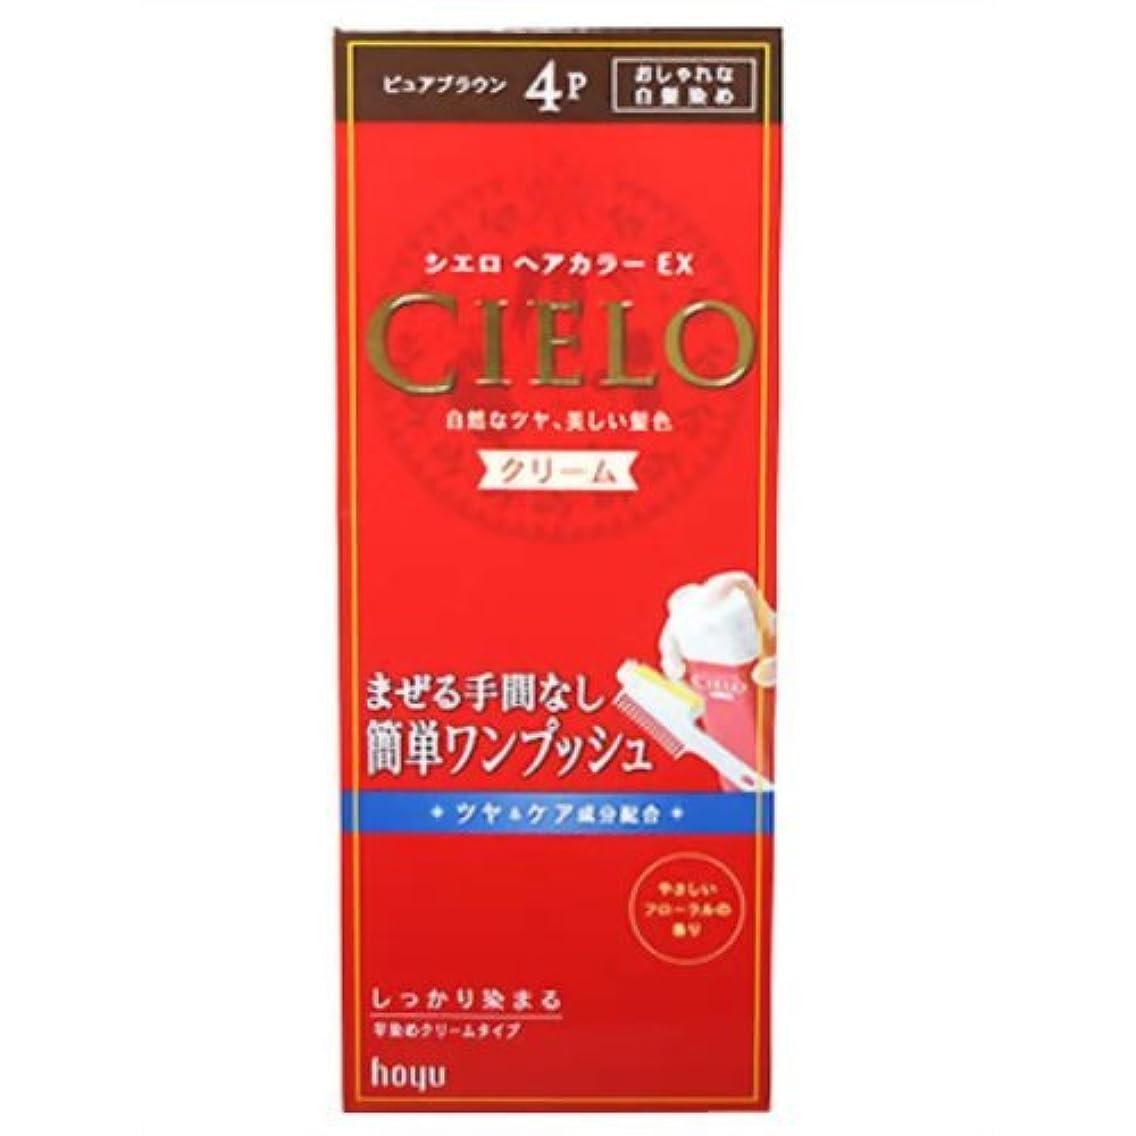 矢印おじさんエンジンシエロ ヘアカラ-EX クリ-ム 4P ピュアブラウン